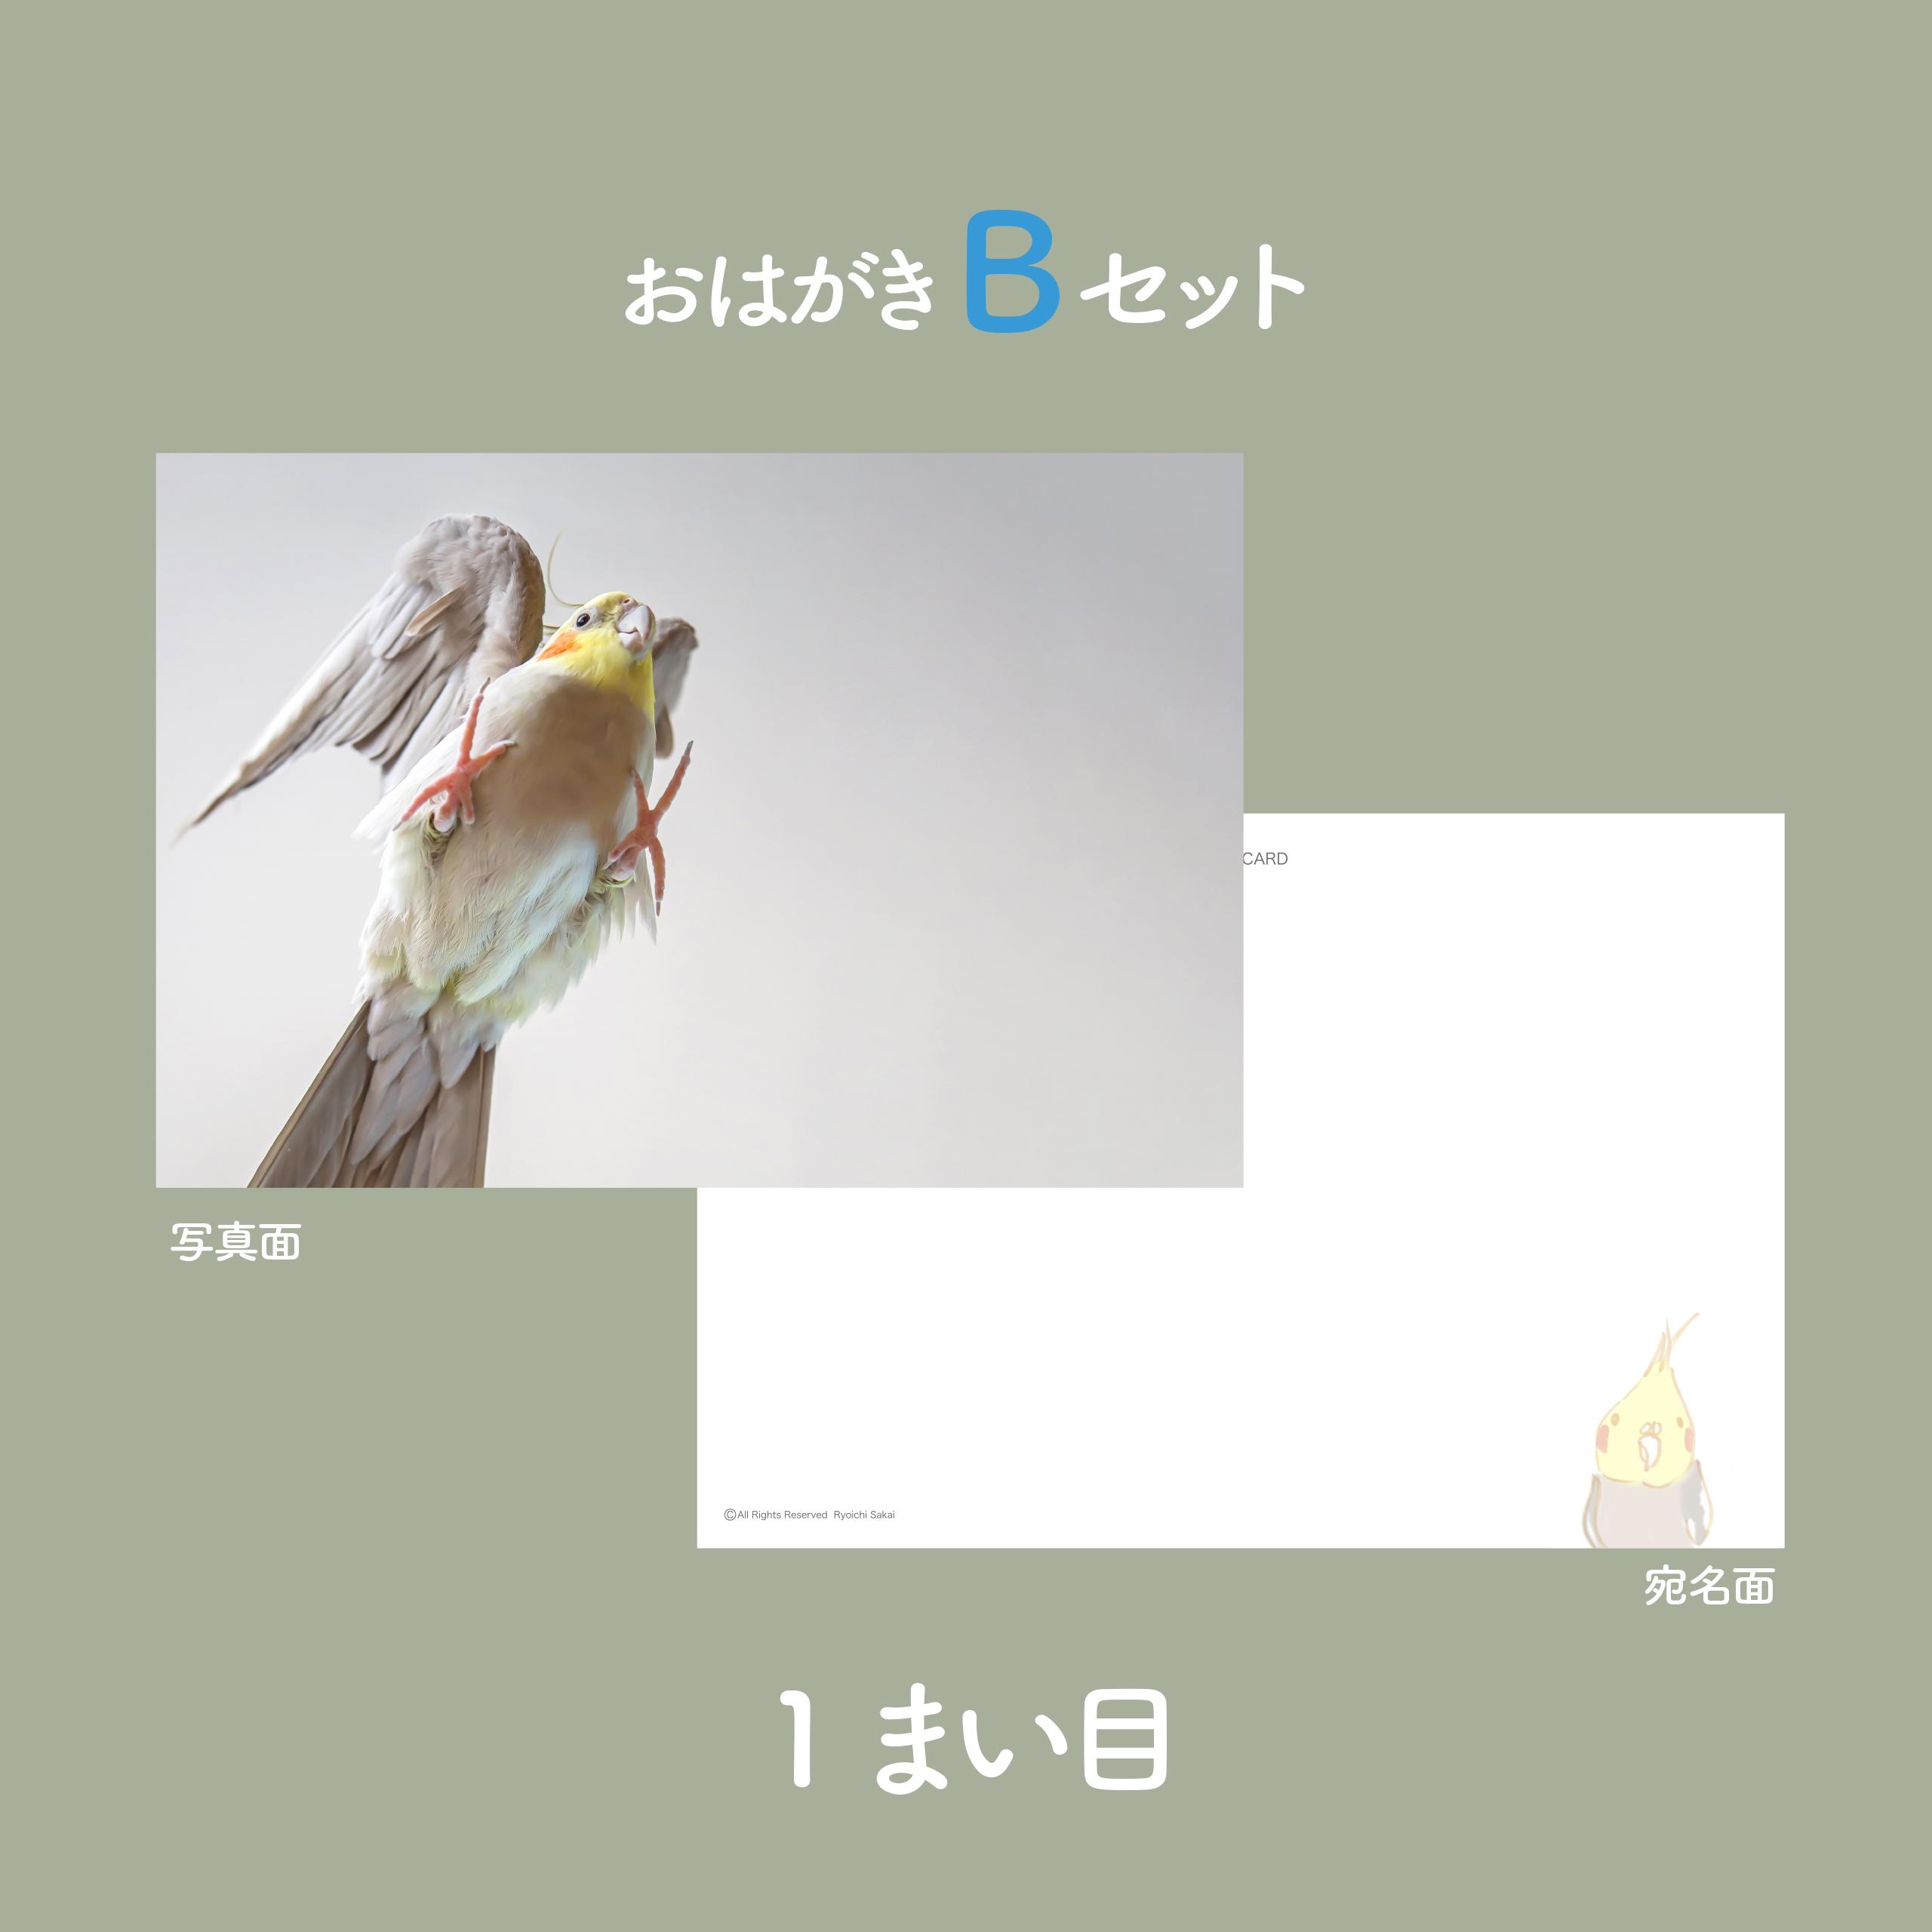 ぽぃちゃん天使?!